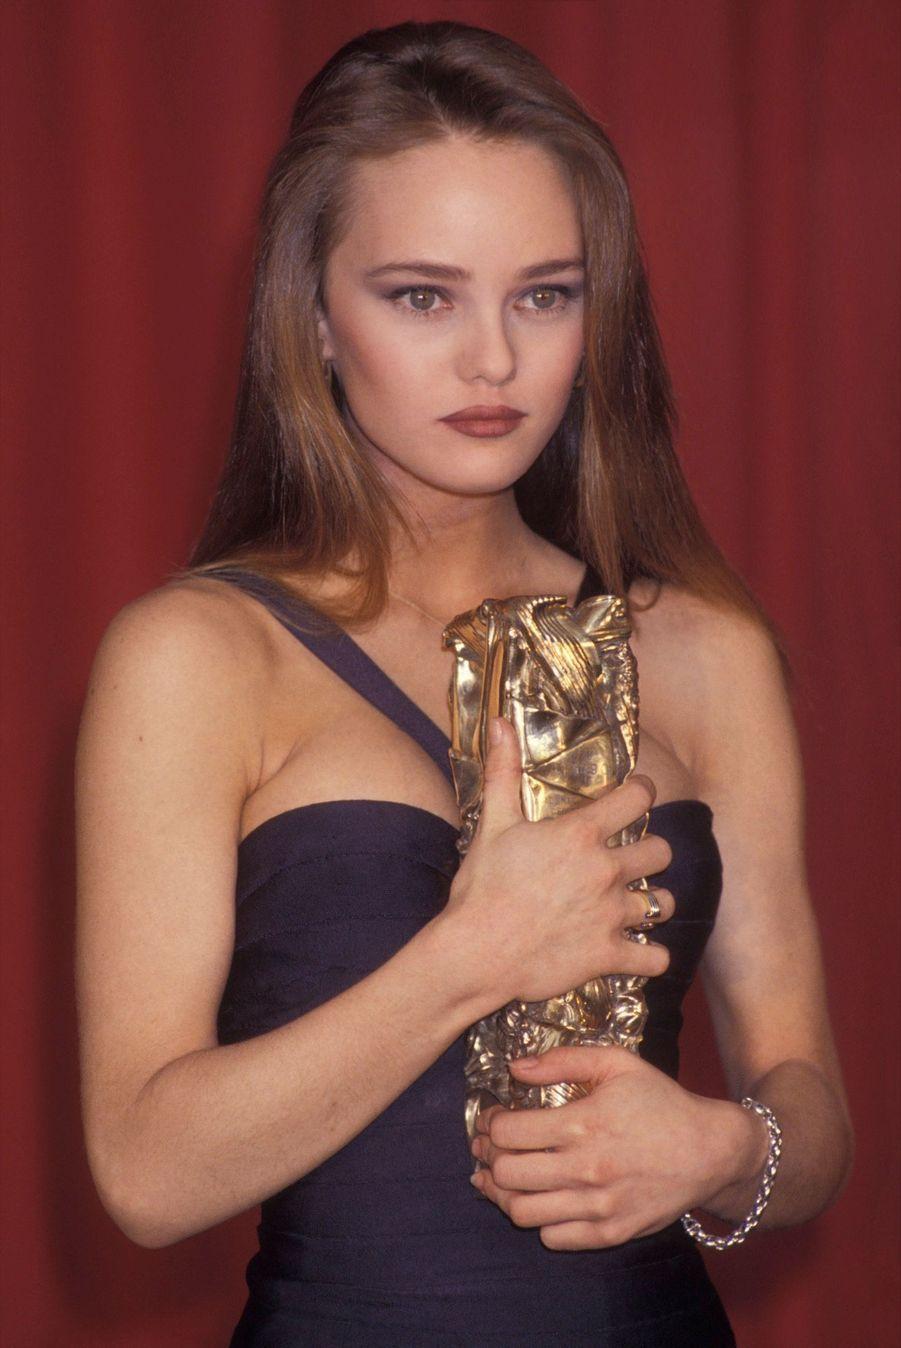 Vanessa Paradis lors de la Nuit des Césars, le 4 mars 1990 à Paris